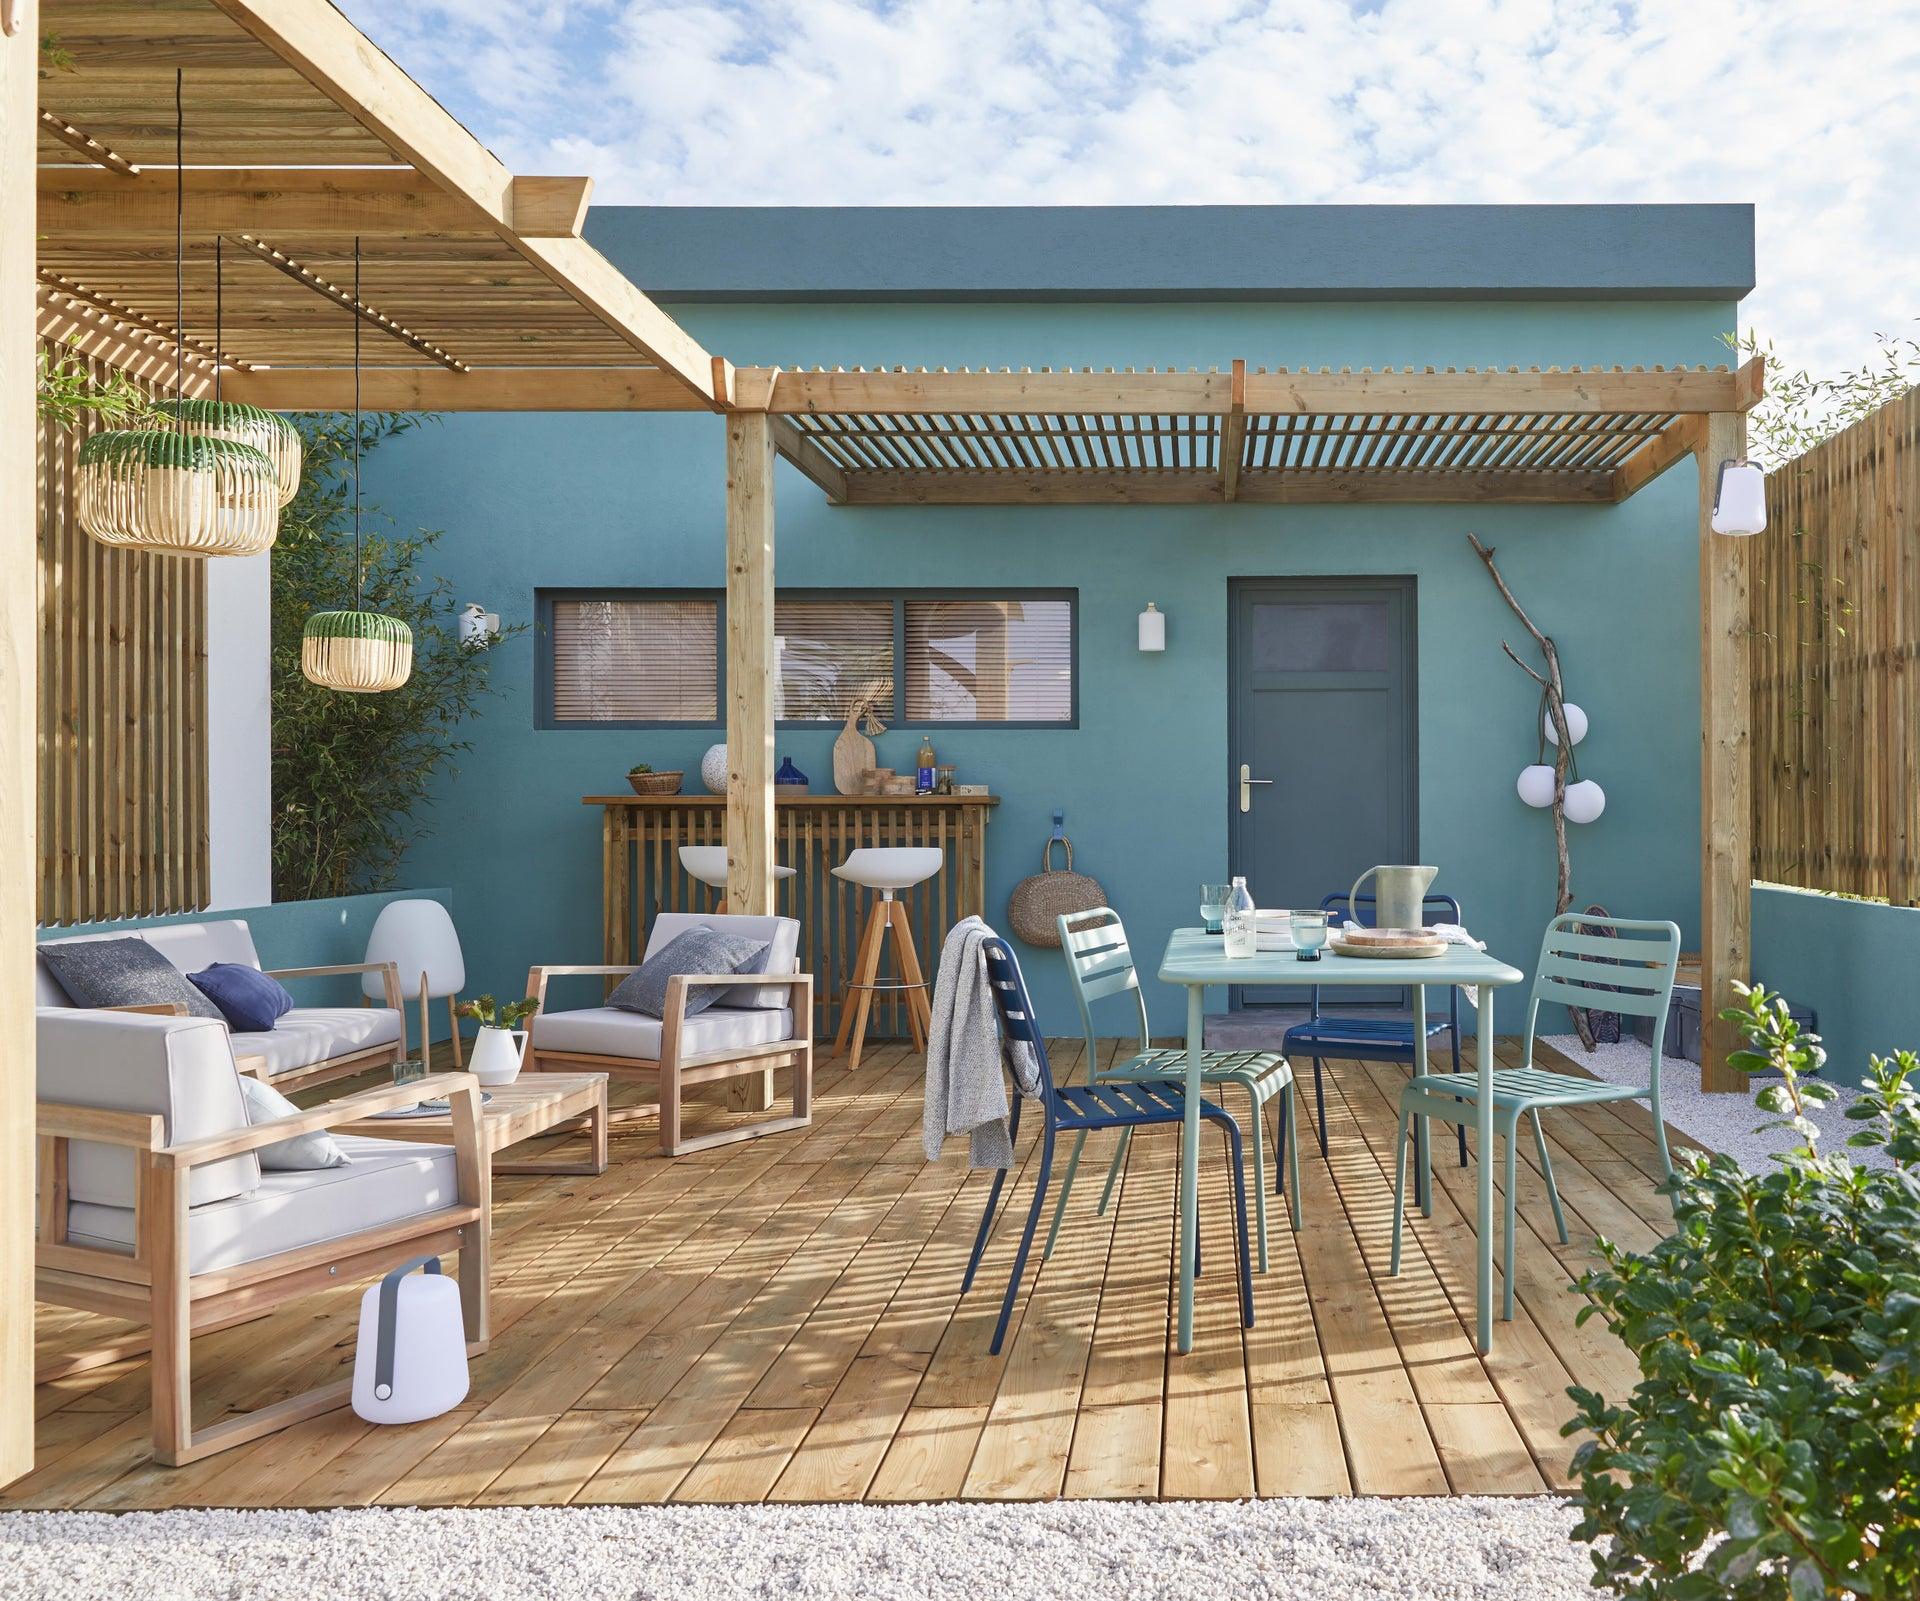 Tavolo da giardino rettangolare Cafe con piano in metallo L 70 x P 120 cm - 3